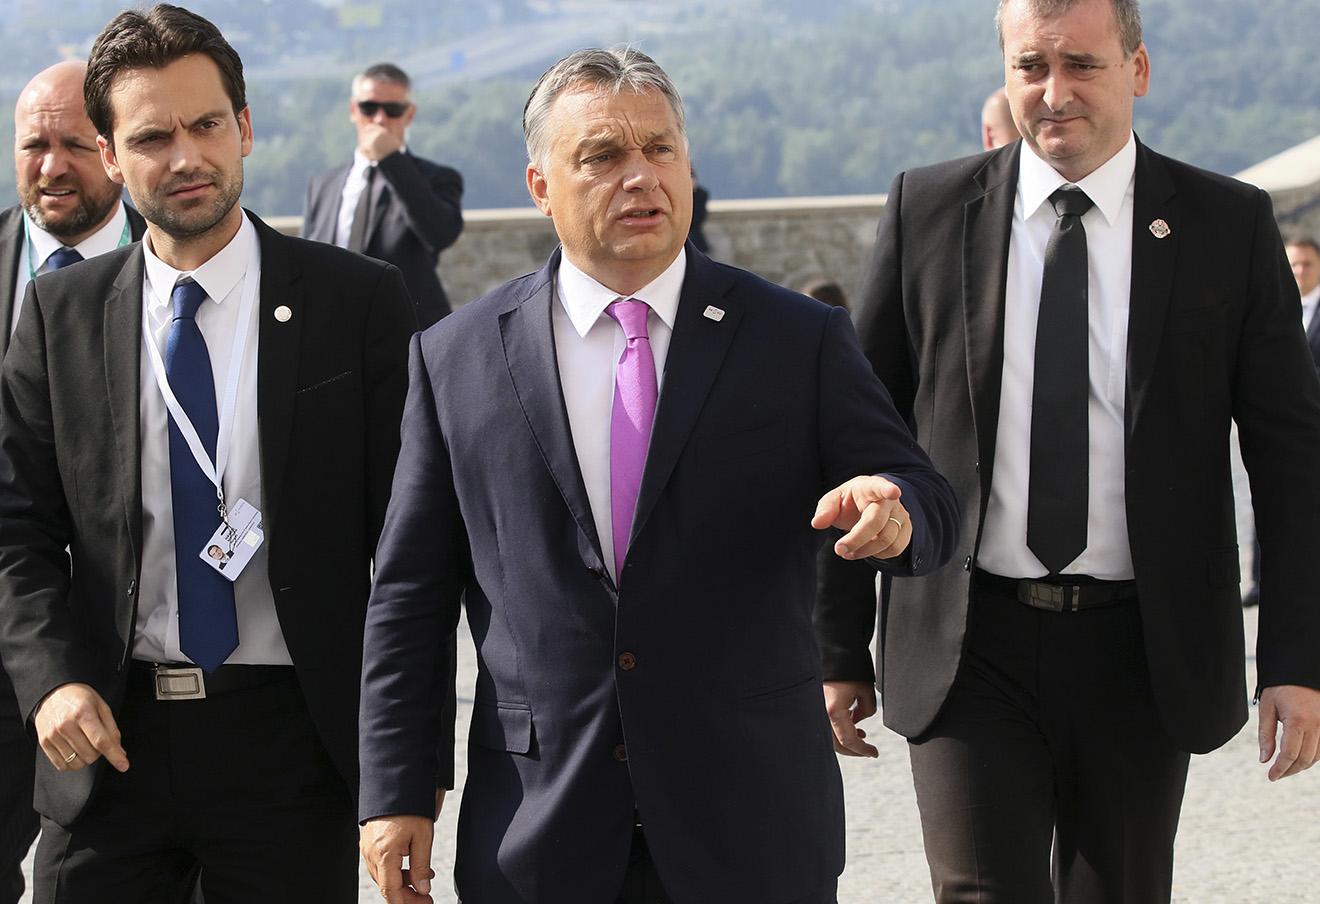 Виктор Орбан. Фото: Ronald Zak / AP